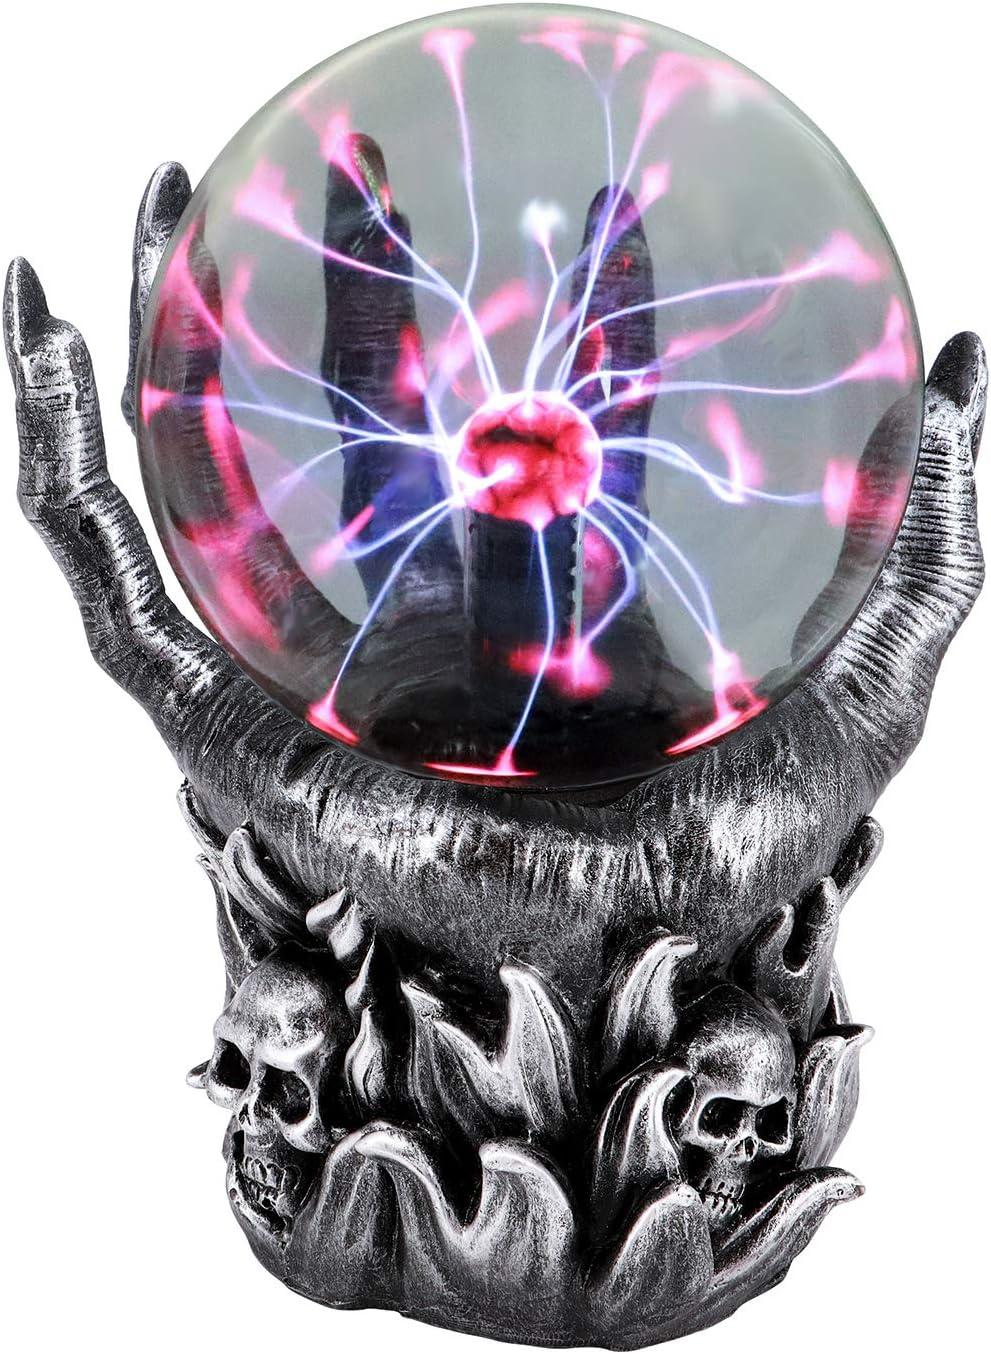 Luces Decorativas Sensibles Al Tacto Activadas Por Sonido Alimentadas Por Usb,Bola M/áGica Para Fiestas Decoraciones Atrezzo Regalos Infantiles Bola Plasma Grande Xl Bola de Plasma Magica 5 Pulgadas